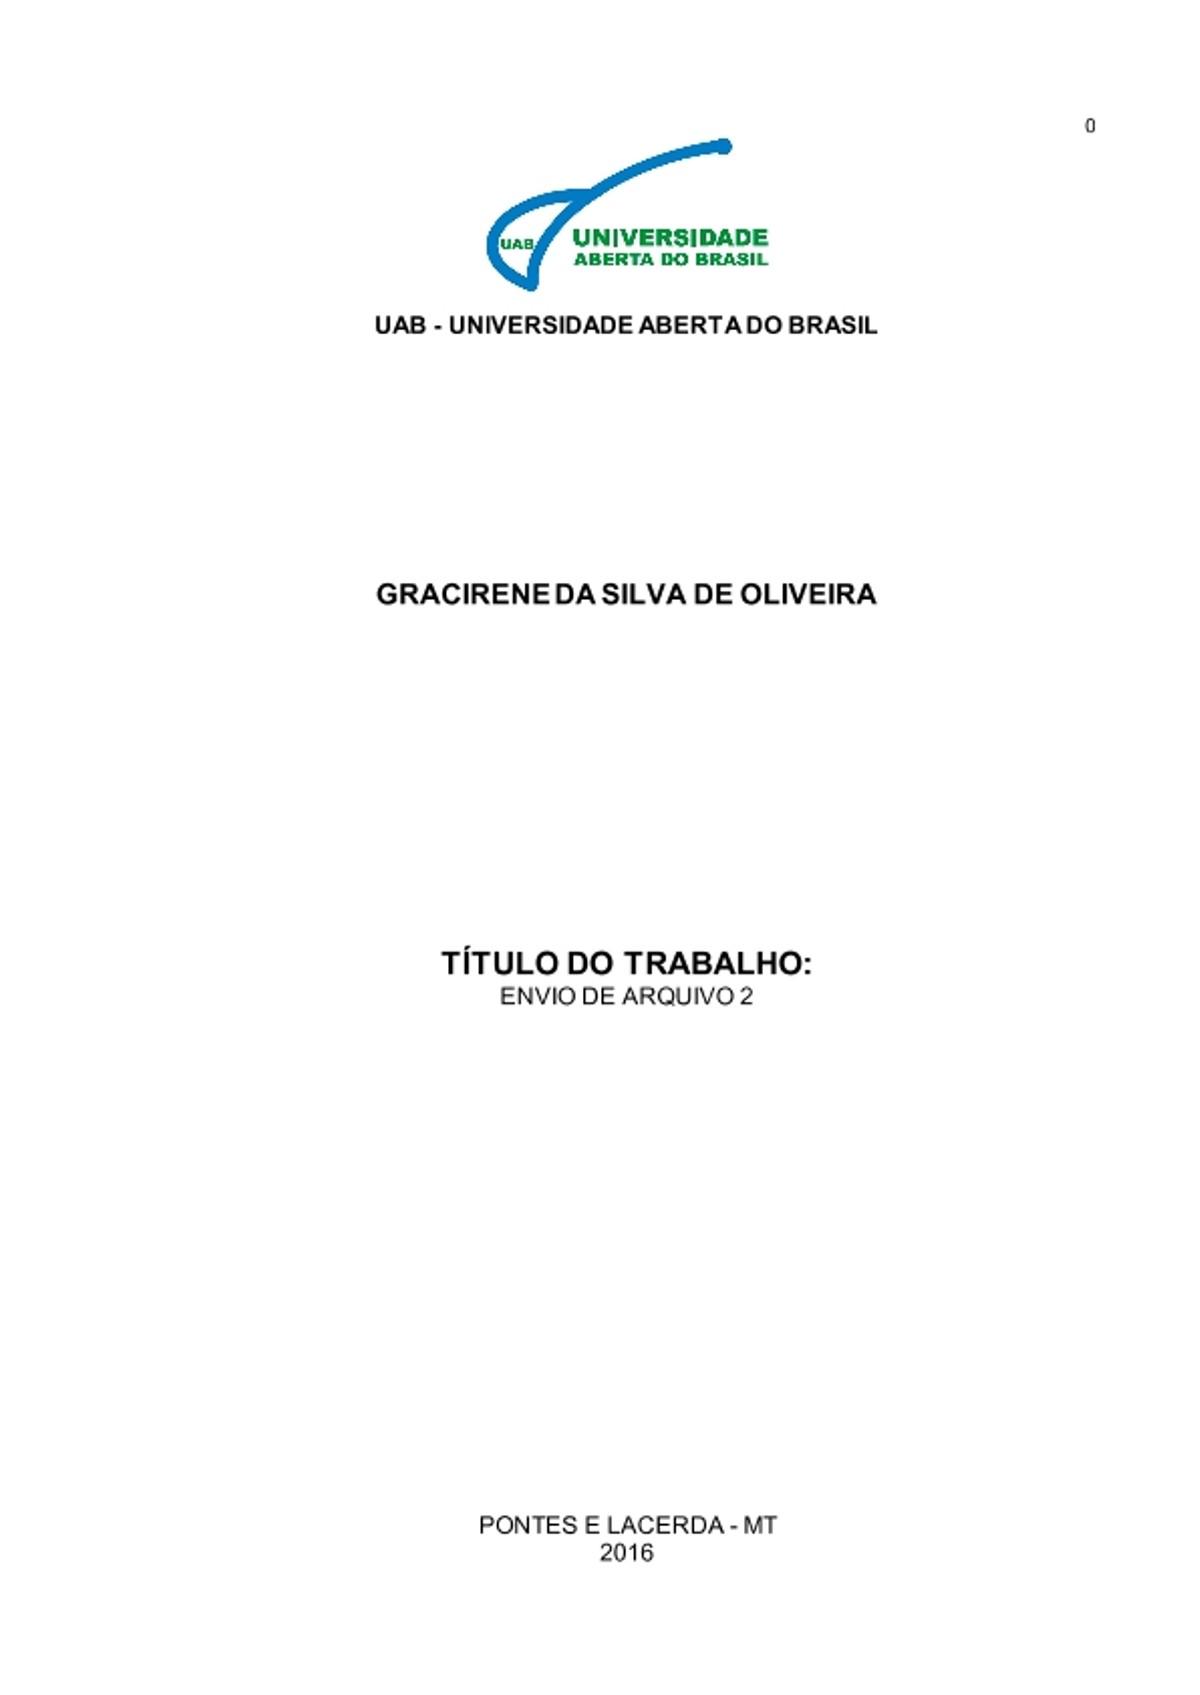 Pre-visualização do material Arquivo de envio 2 - 5 semestre (1)descrição de cargos (Reparado) - página 1